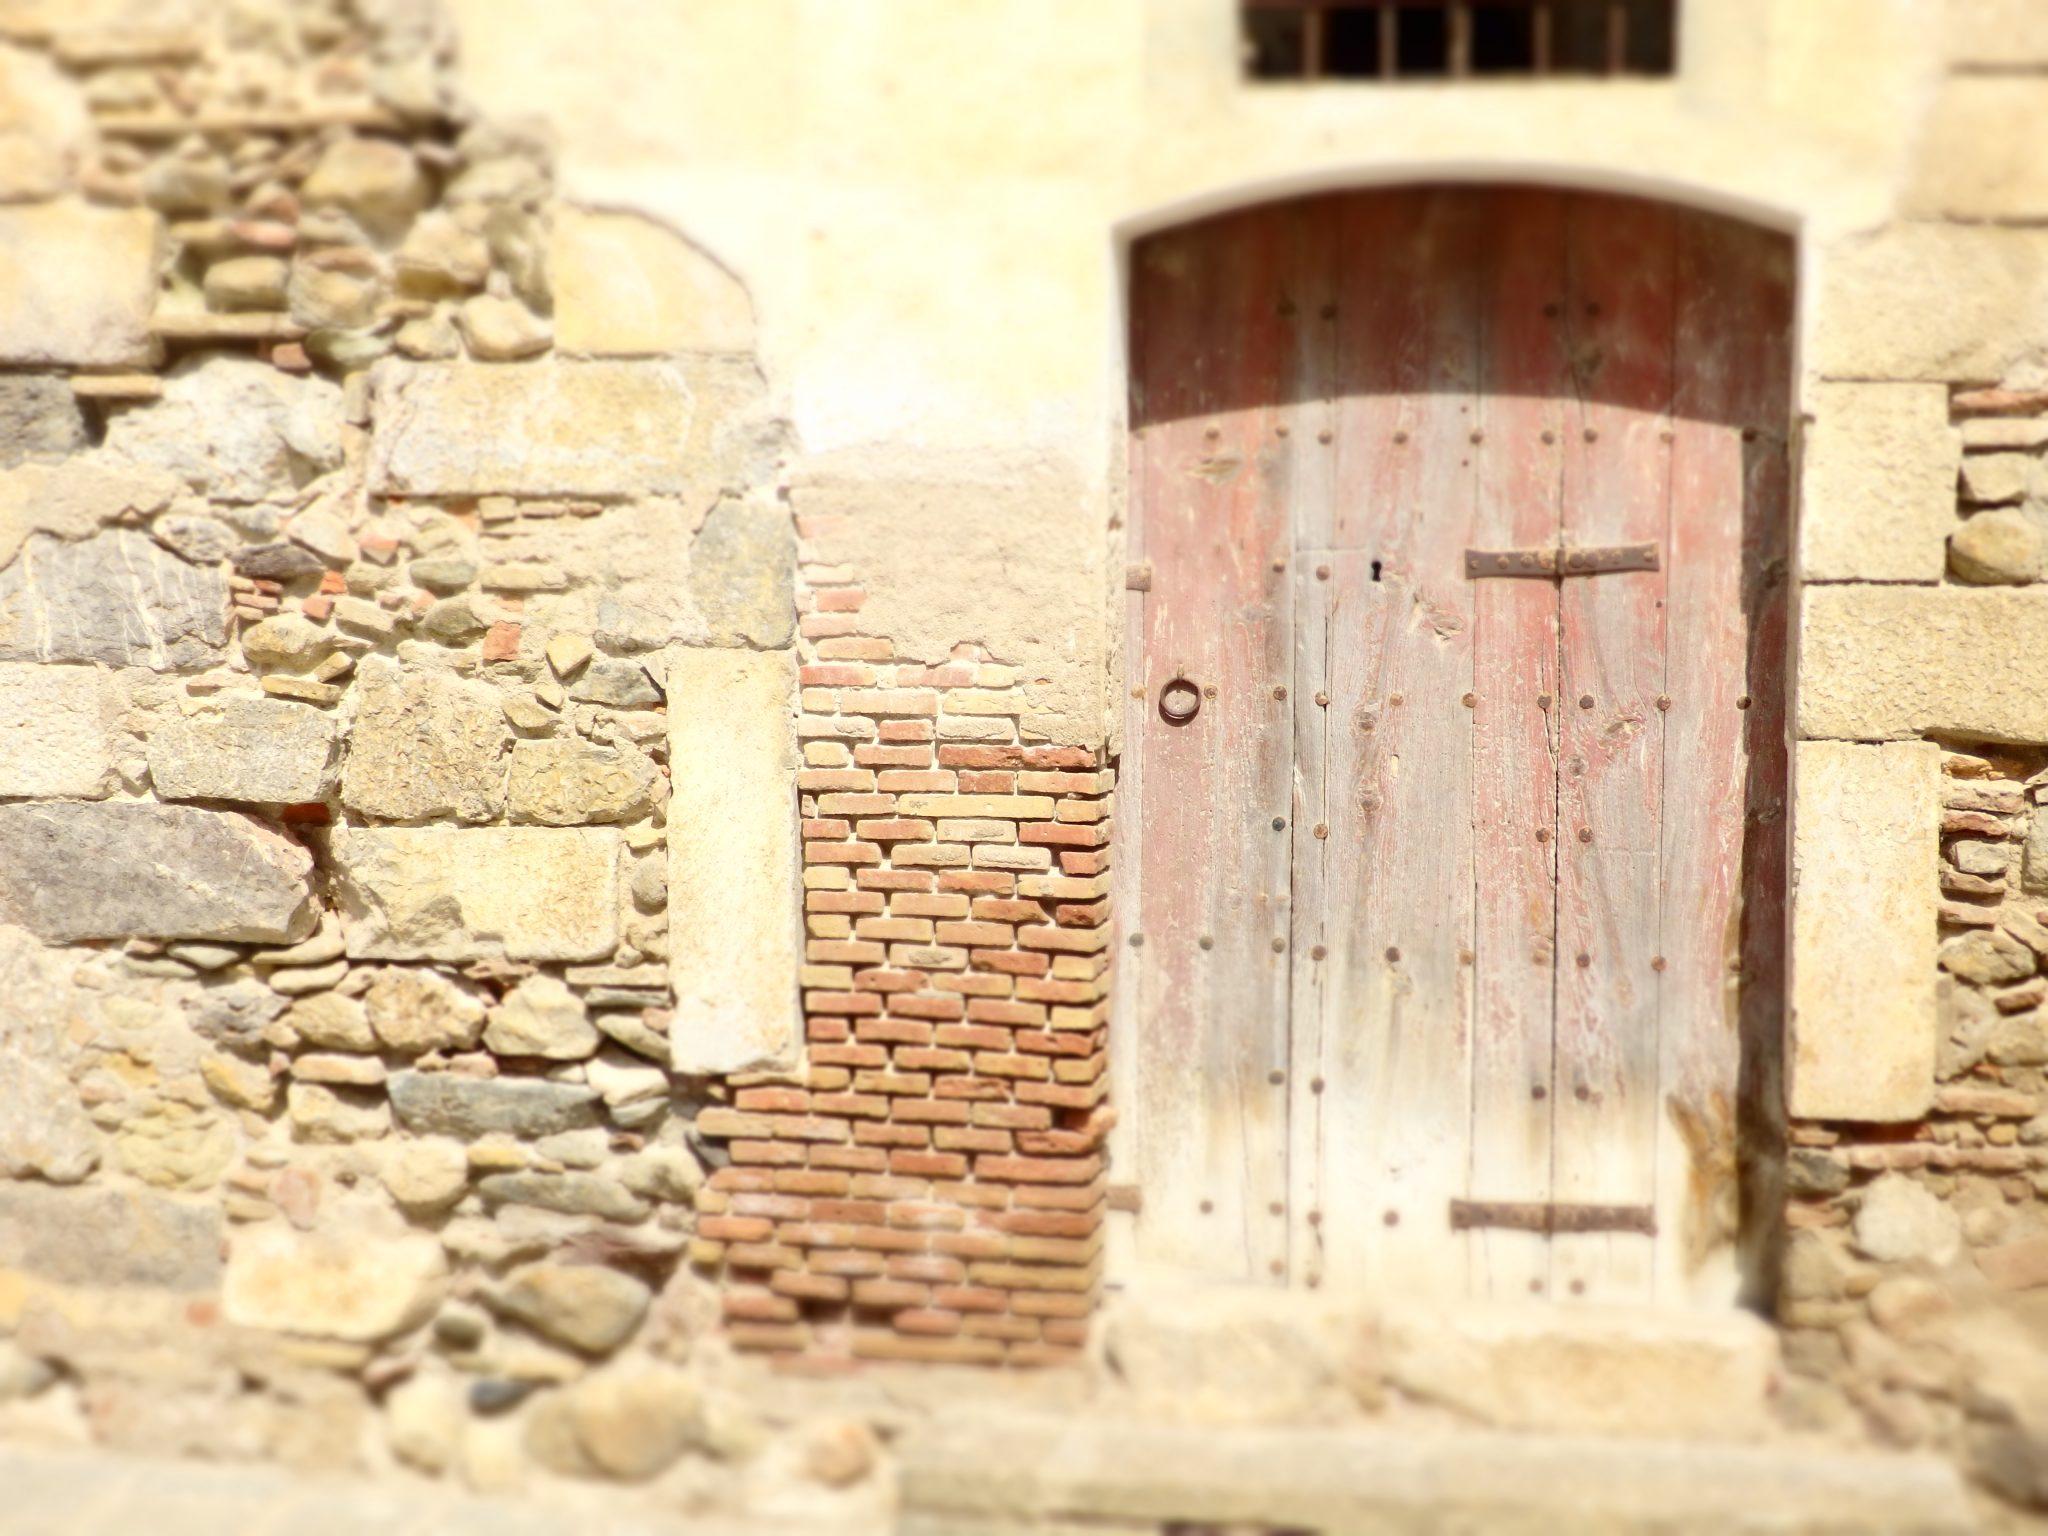 signs of age on a doorway in Peratallada,, Baix Emporda, Spain